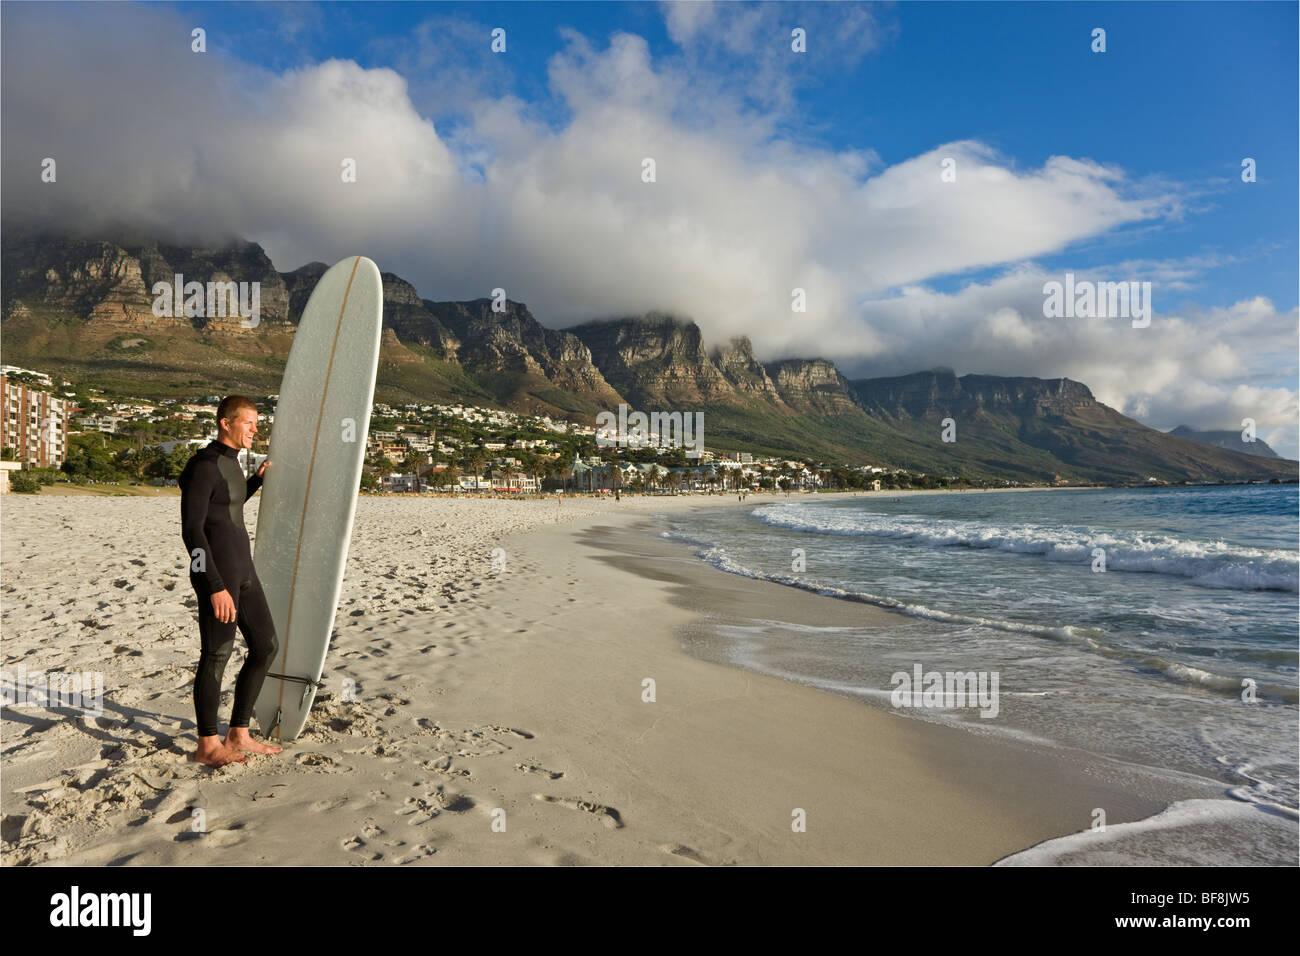 Surfer auf Camps bay Strand mit zwölf Apostel auf den Tafelberg im Hintergrund. Kapstadt-Südafrika Stockbild